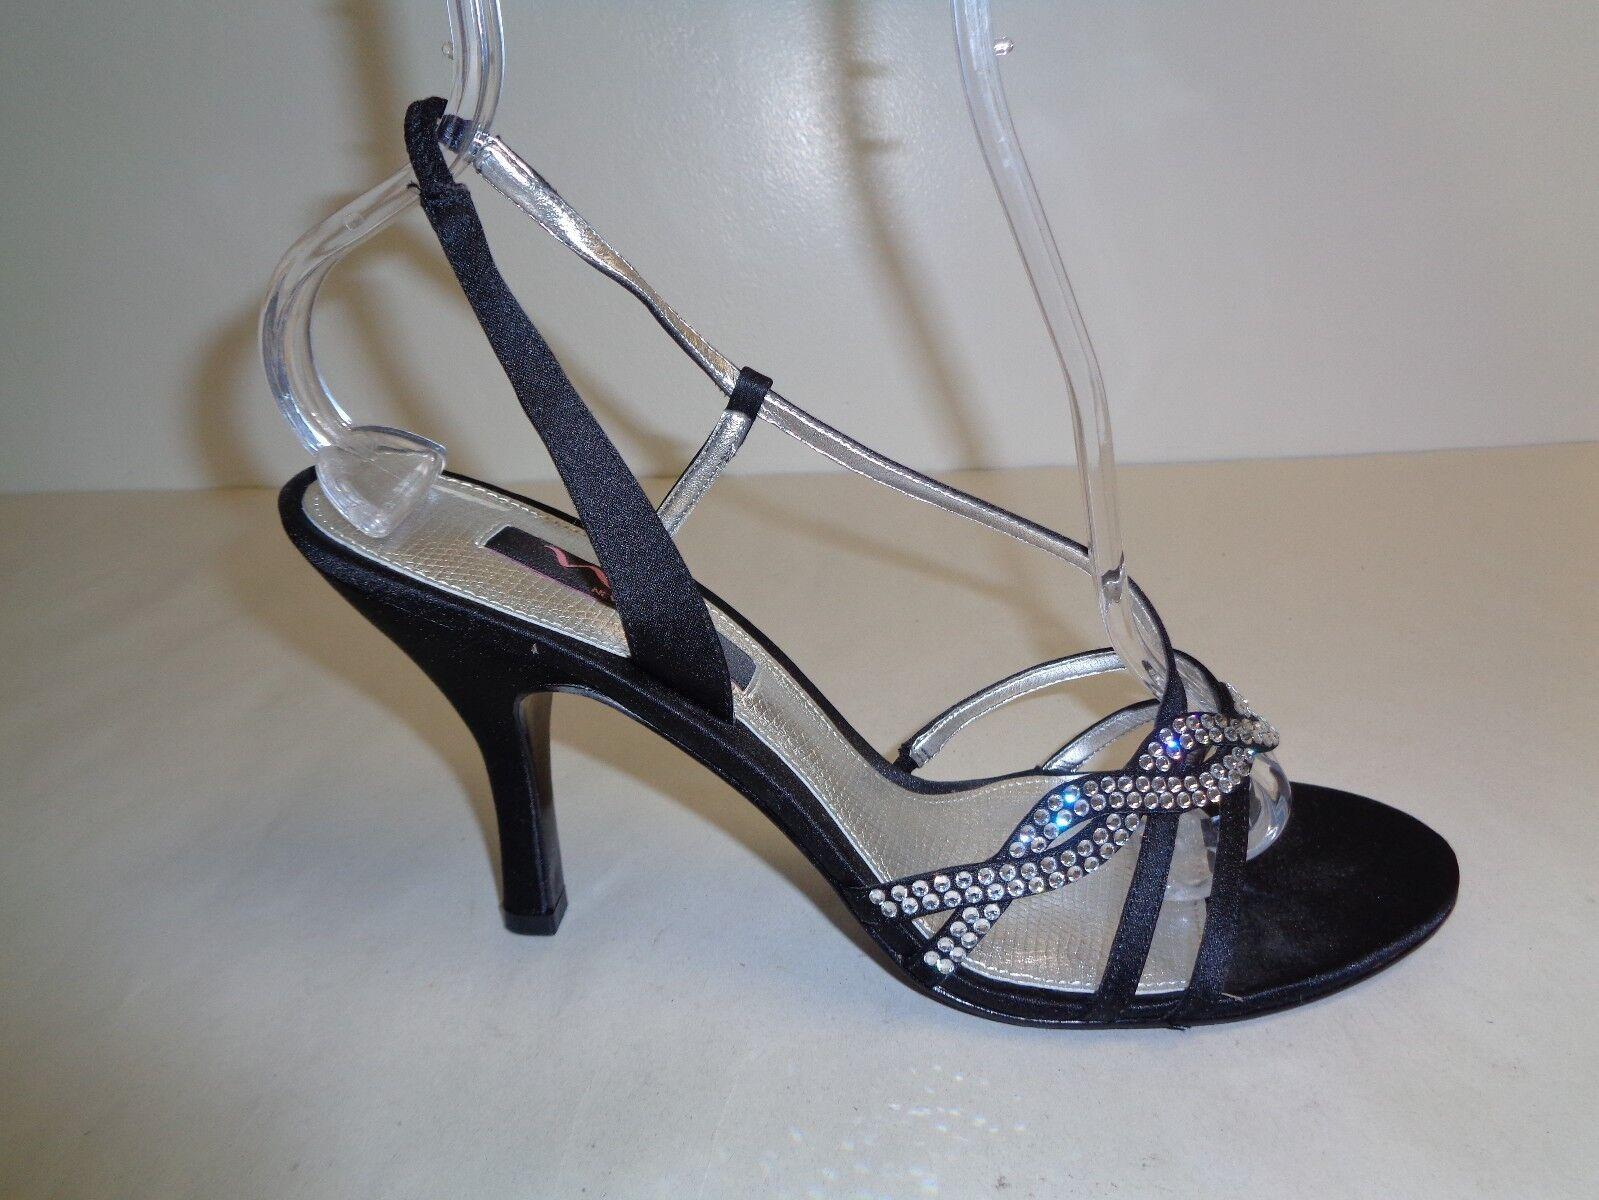 Nina Talla 9 M Negro Satinado Cristales Cristales Cristales Con Tiras Tacones Sandalias nuevo Zapatos para mujer  Seleccione de las marcas más nuevas como